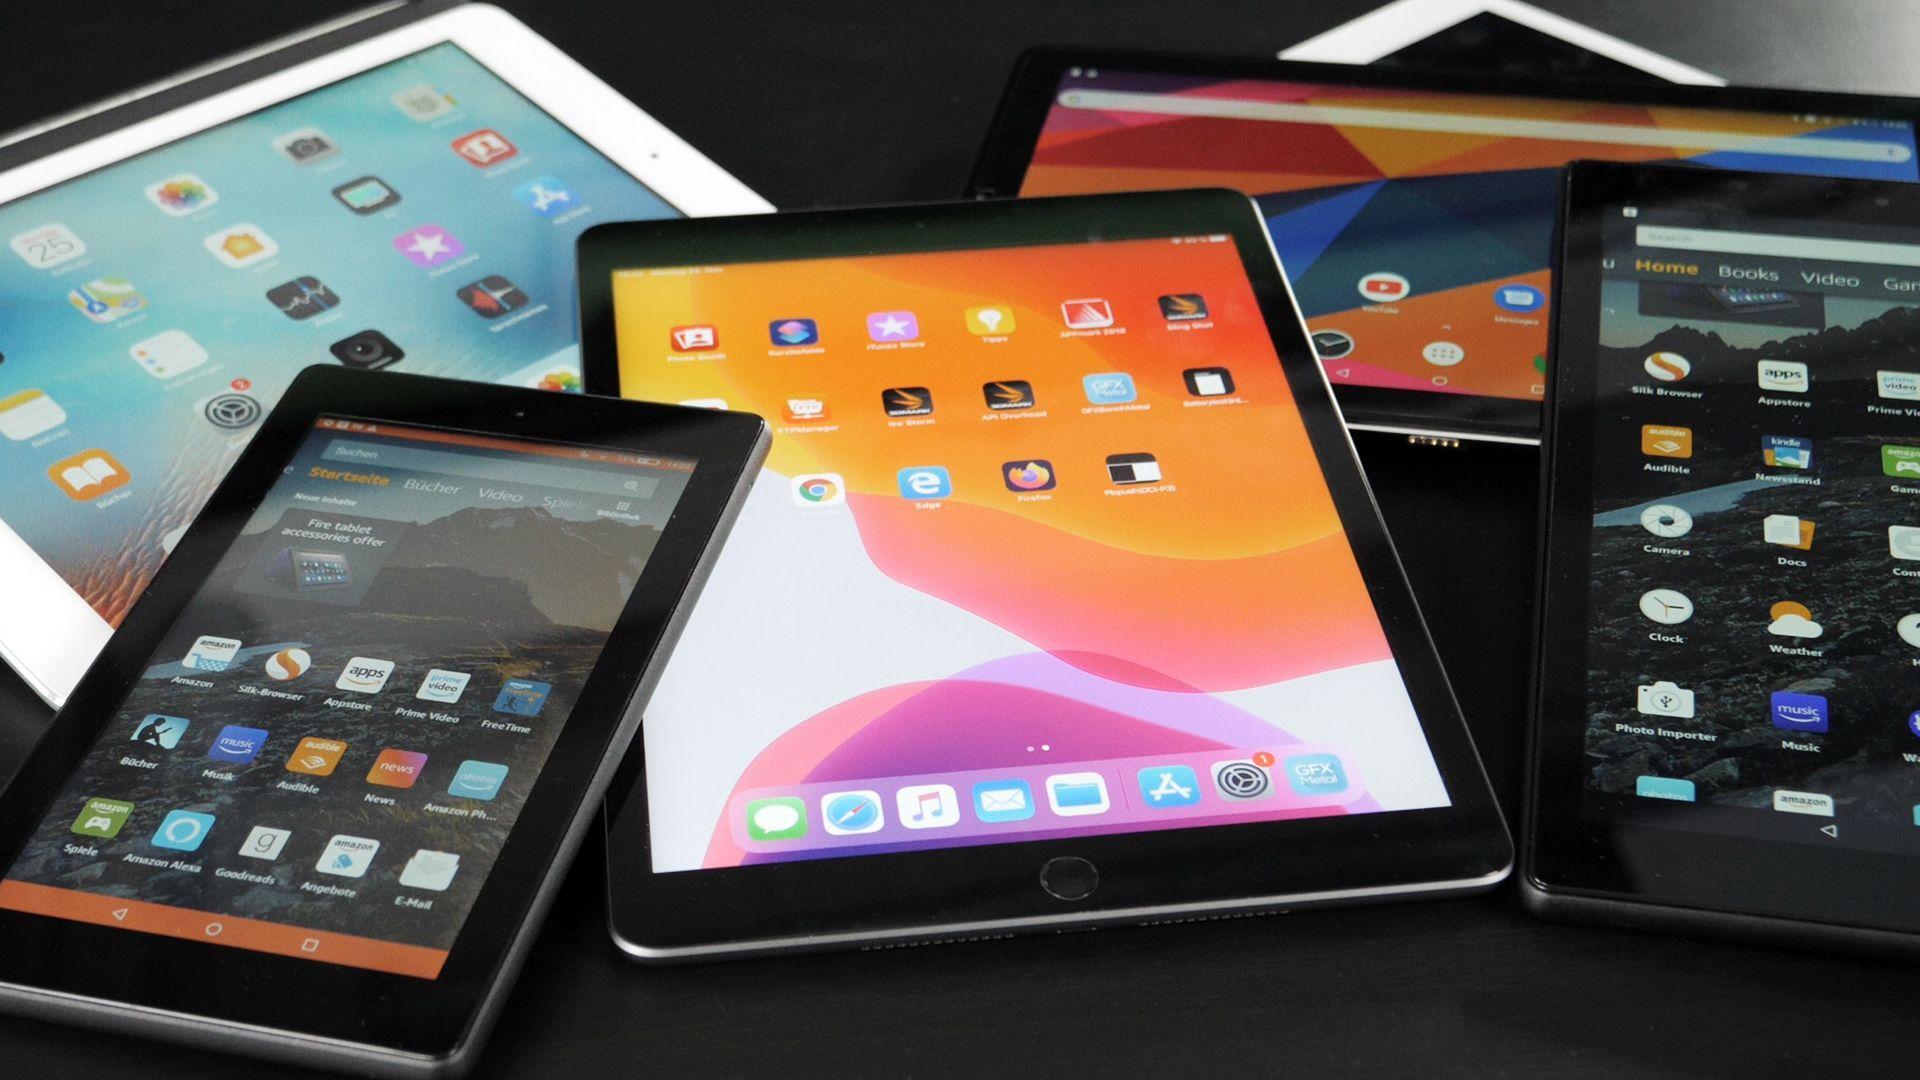 Neues Tablet? Das sollten Sie vor dem Kauf wissen